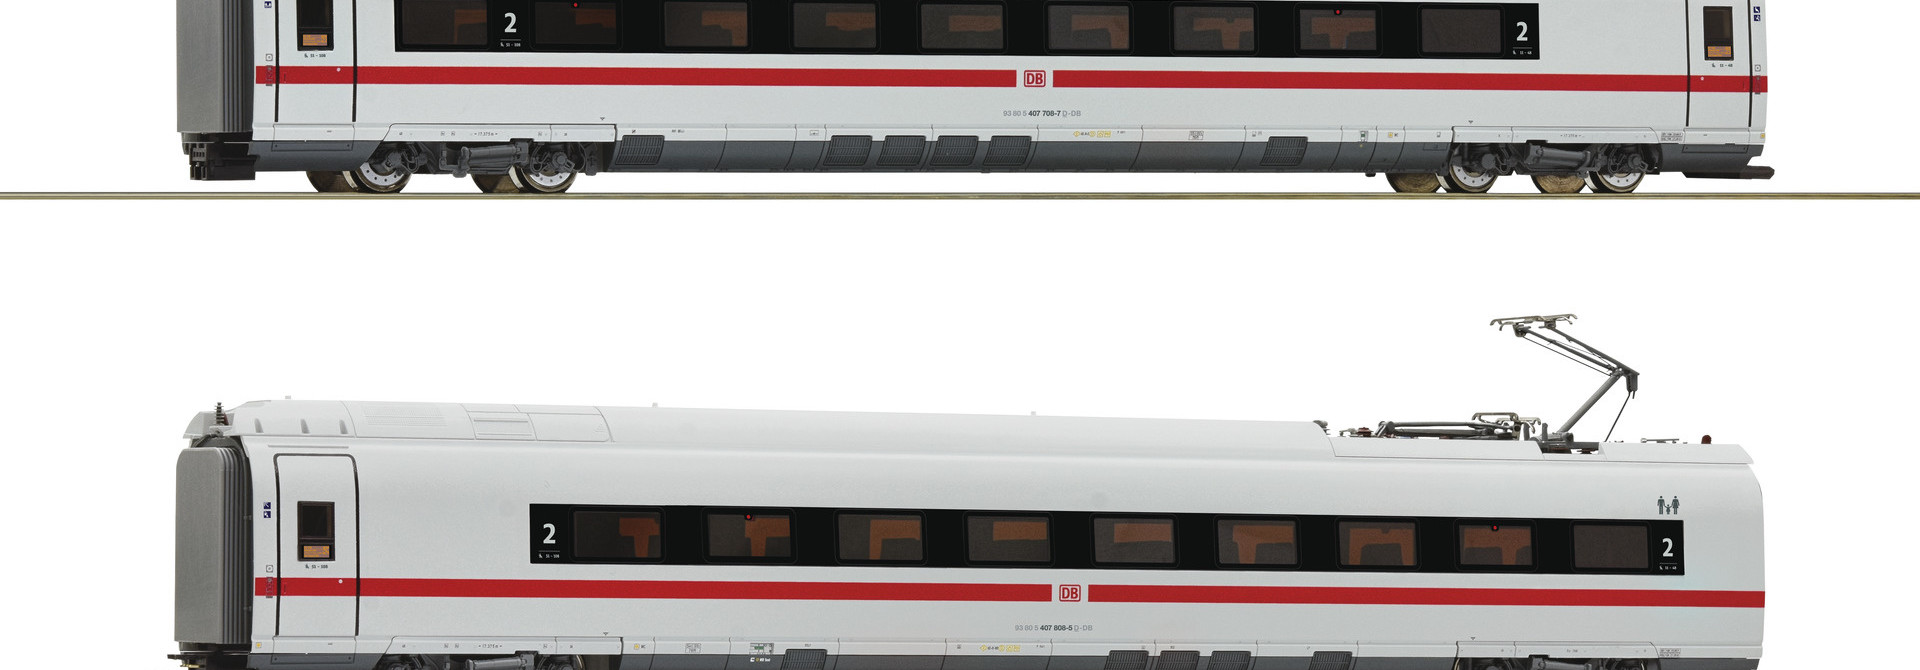 72099 2er Set BR 407 #2 DCC